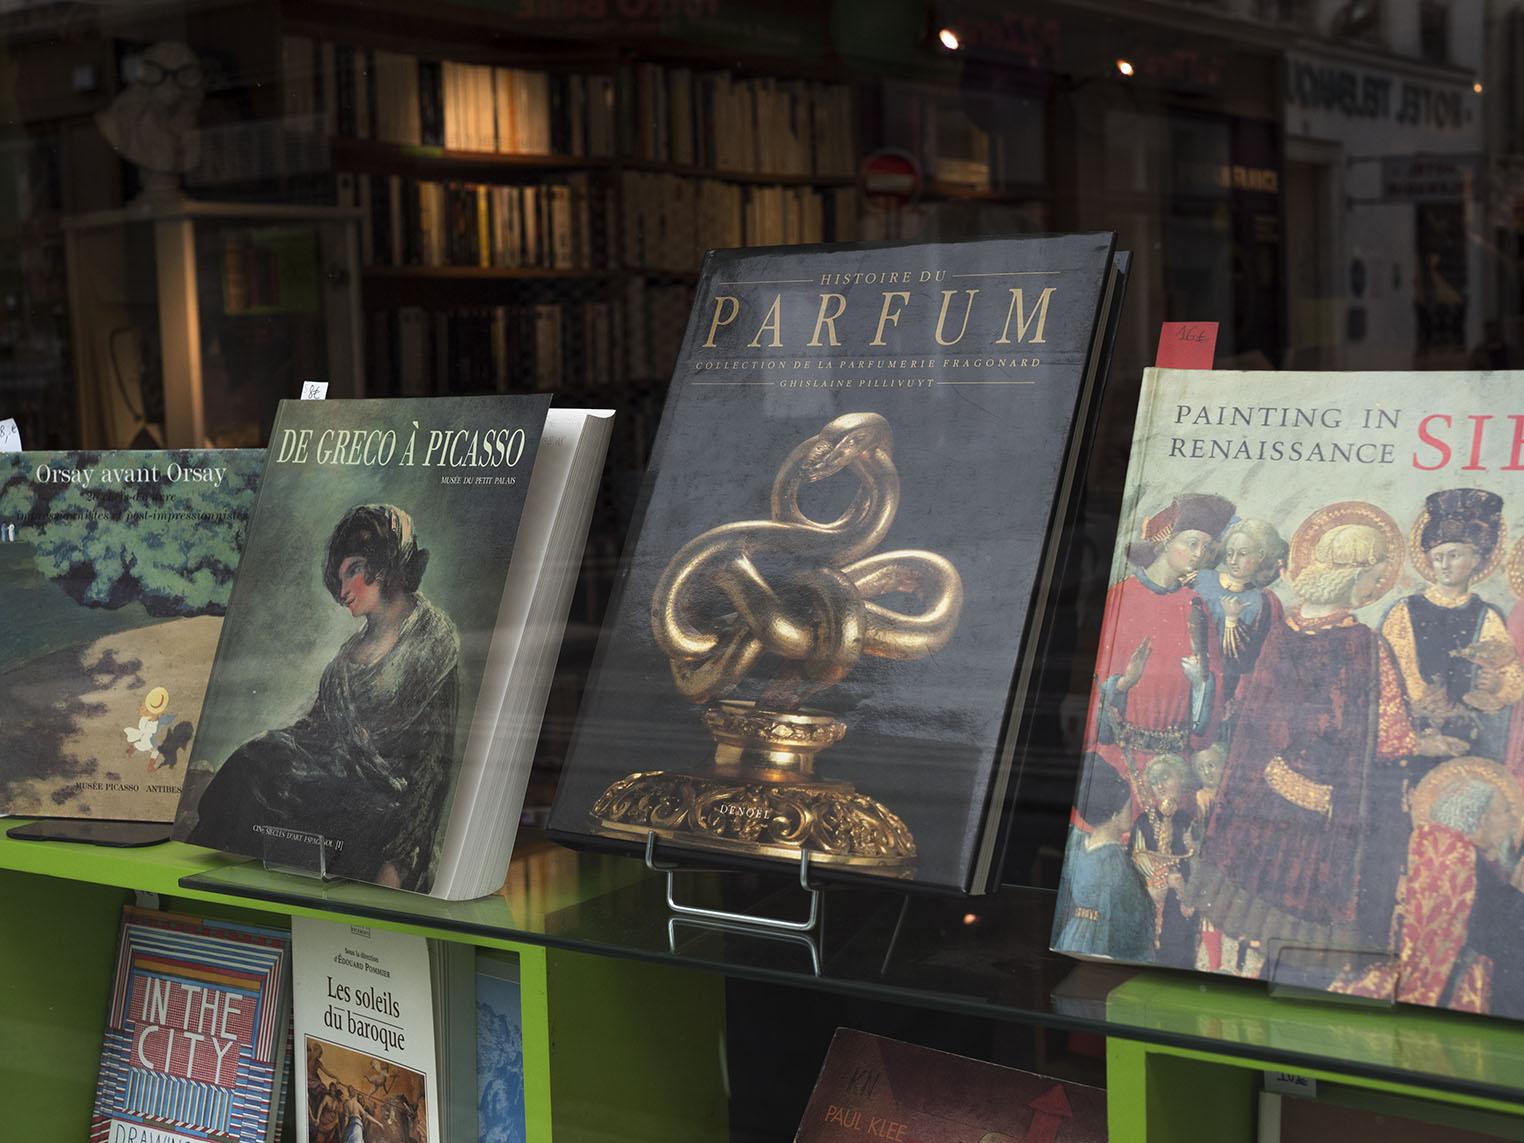 Böcker om konst och om konsten att lukta gott på ett antikvariat. Olympus OM-D E-M1 II, Zuiko 50 mm 1,2 1/320 sekund och bländare 5,0, 800 Asa